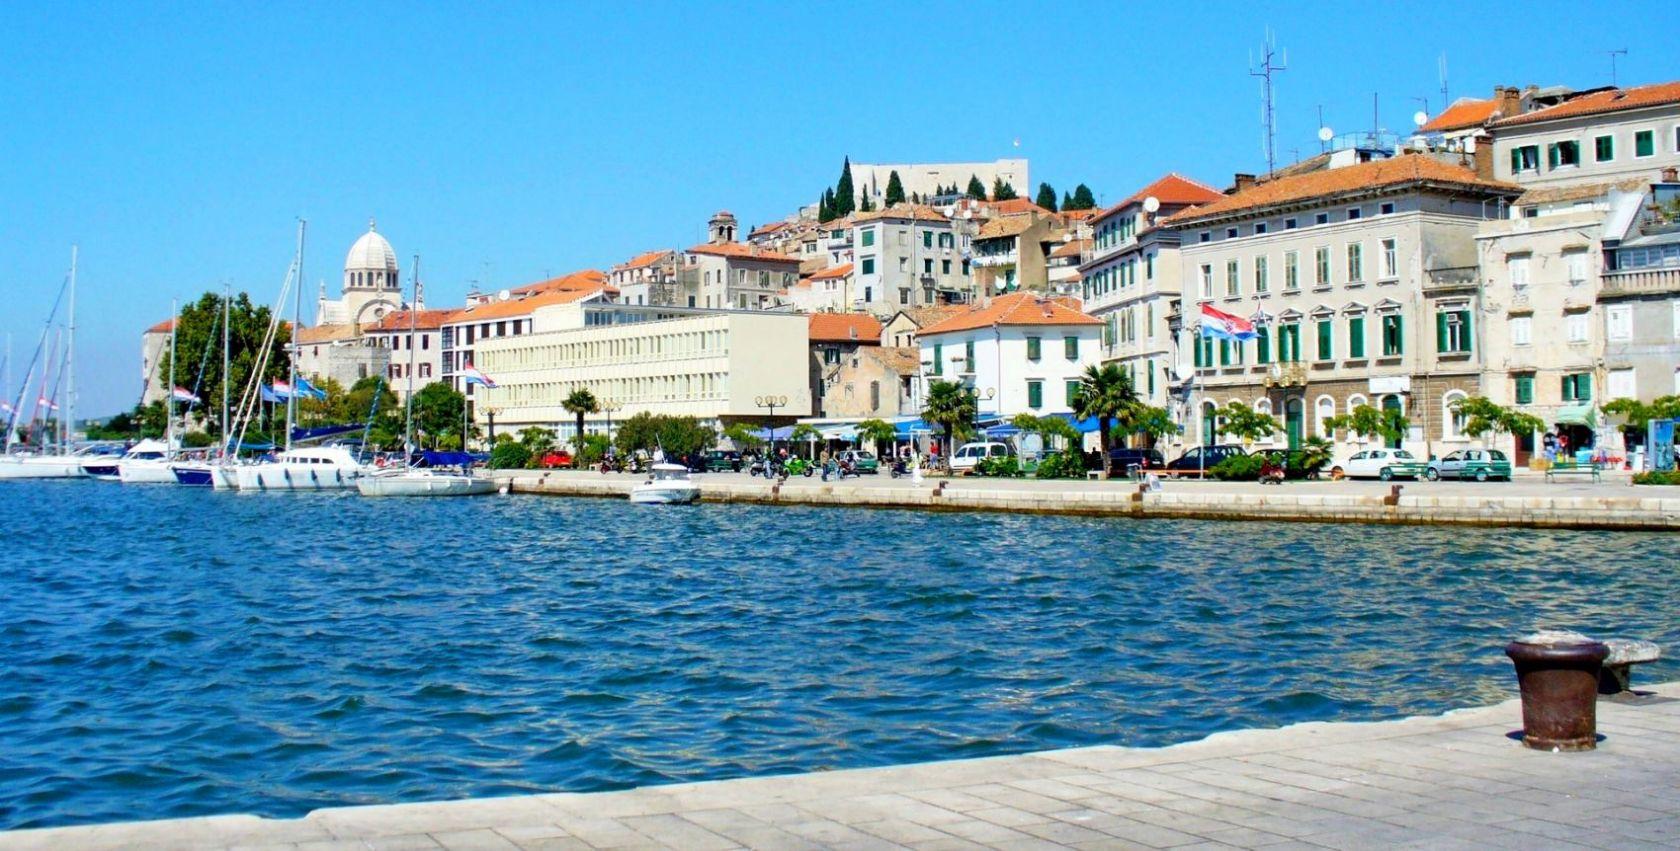 S ciljem poticanja oporavka ugostiteljskog sektora u 2021. godini, Grad Šibenik smanjuje porez na potrošnju